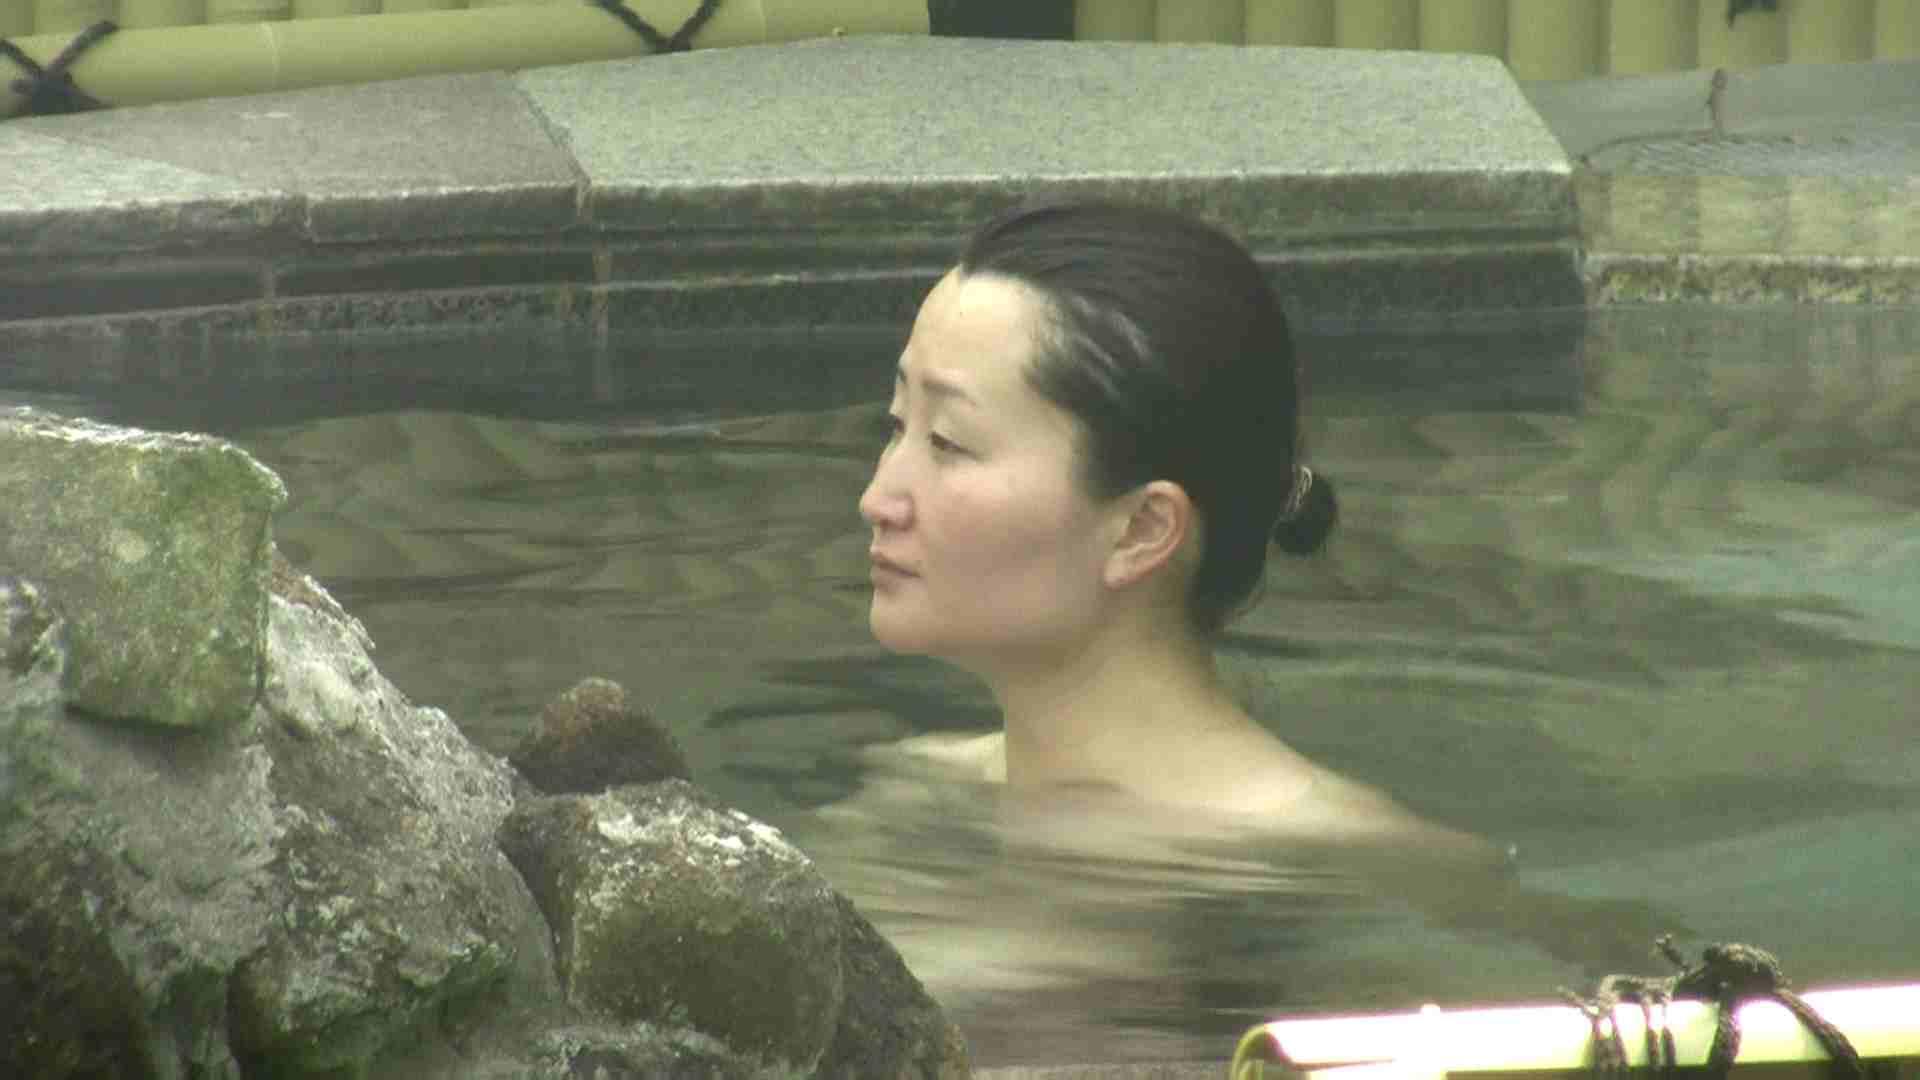 Aquaな露天風呂Vol.632 盗撮シリーズ  100PIX 46